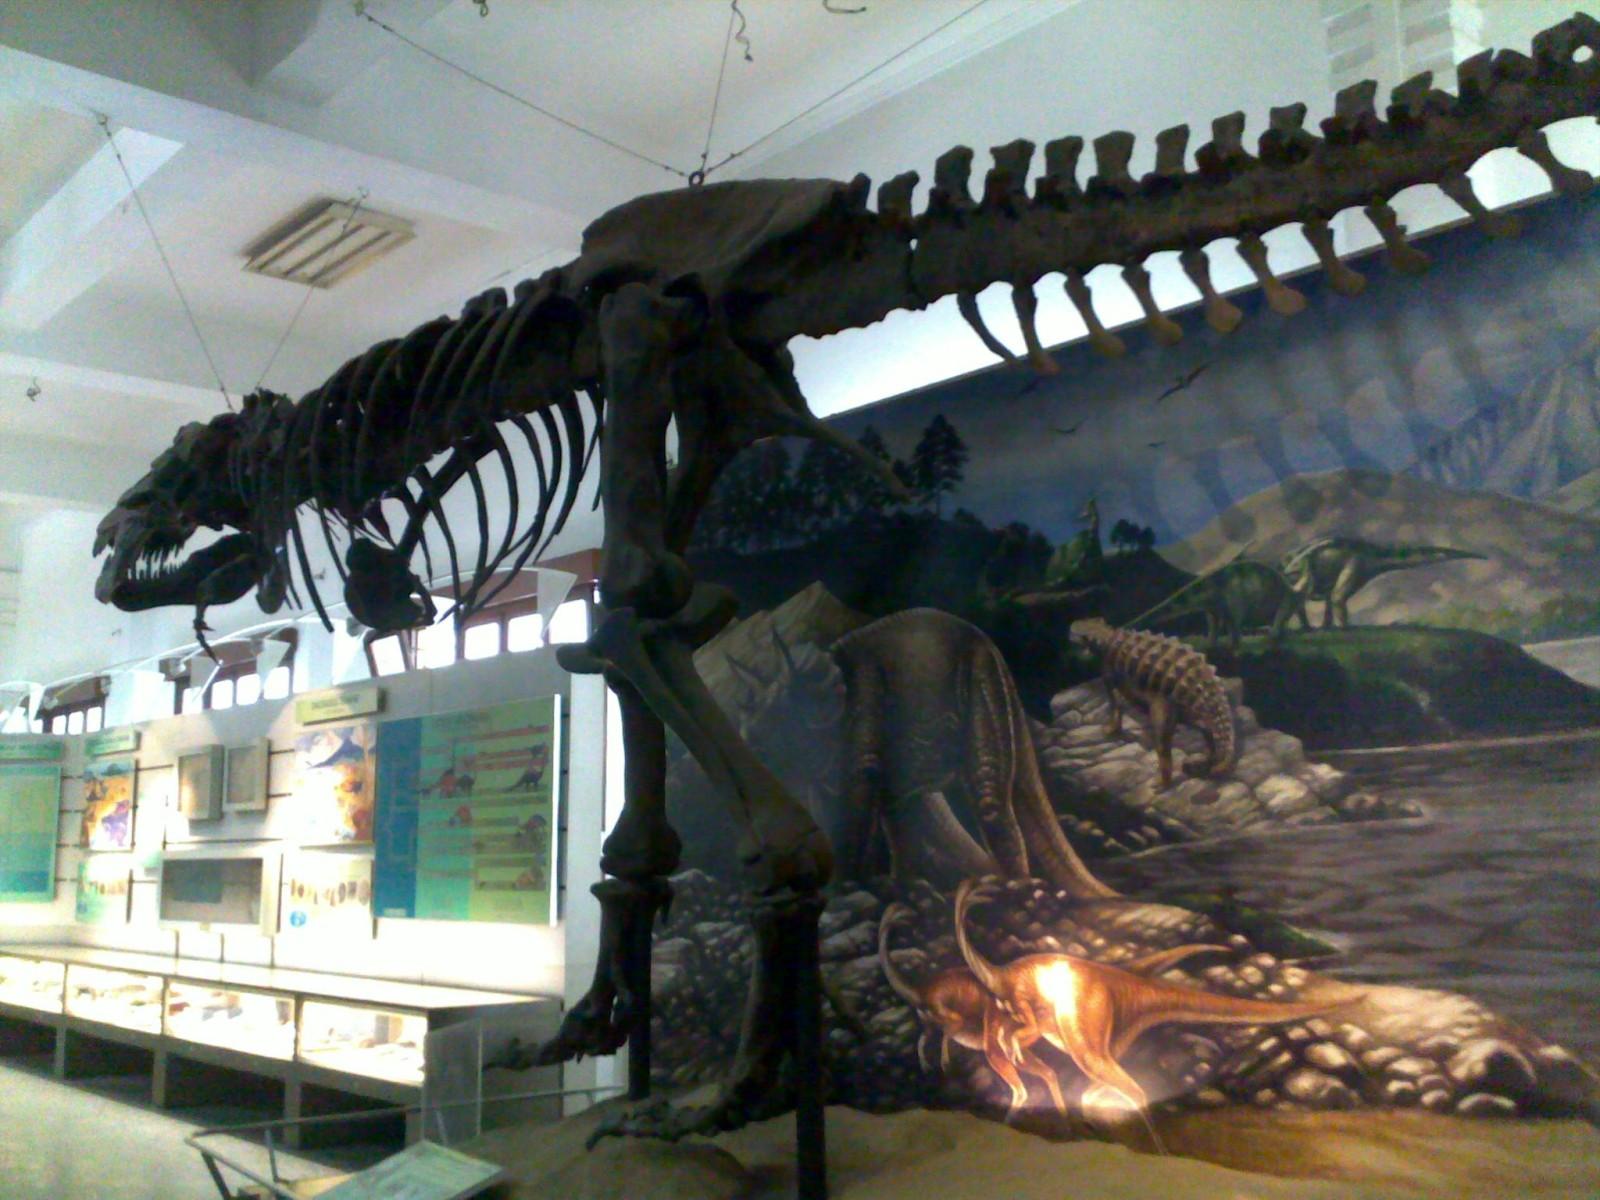 Museum Geologi: Fosil Tyrannosaurus rex osborn